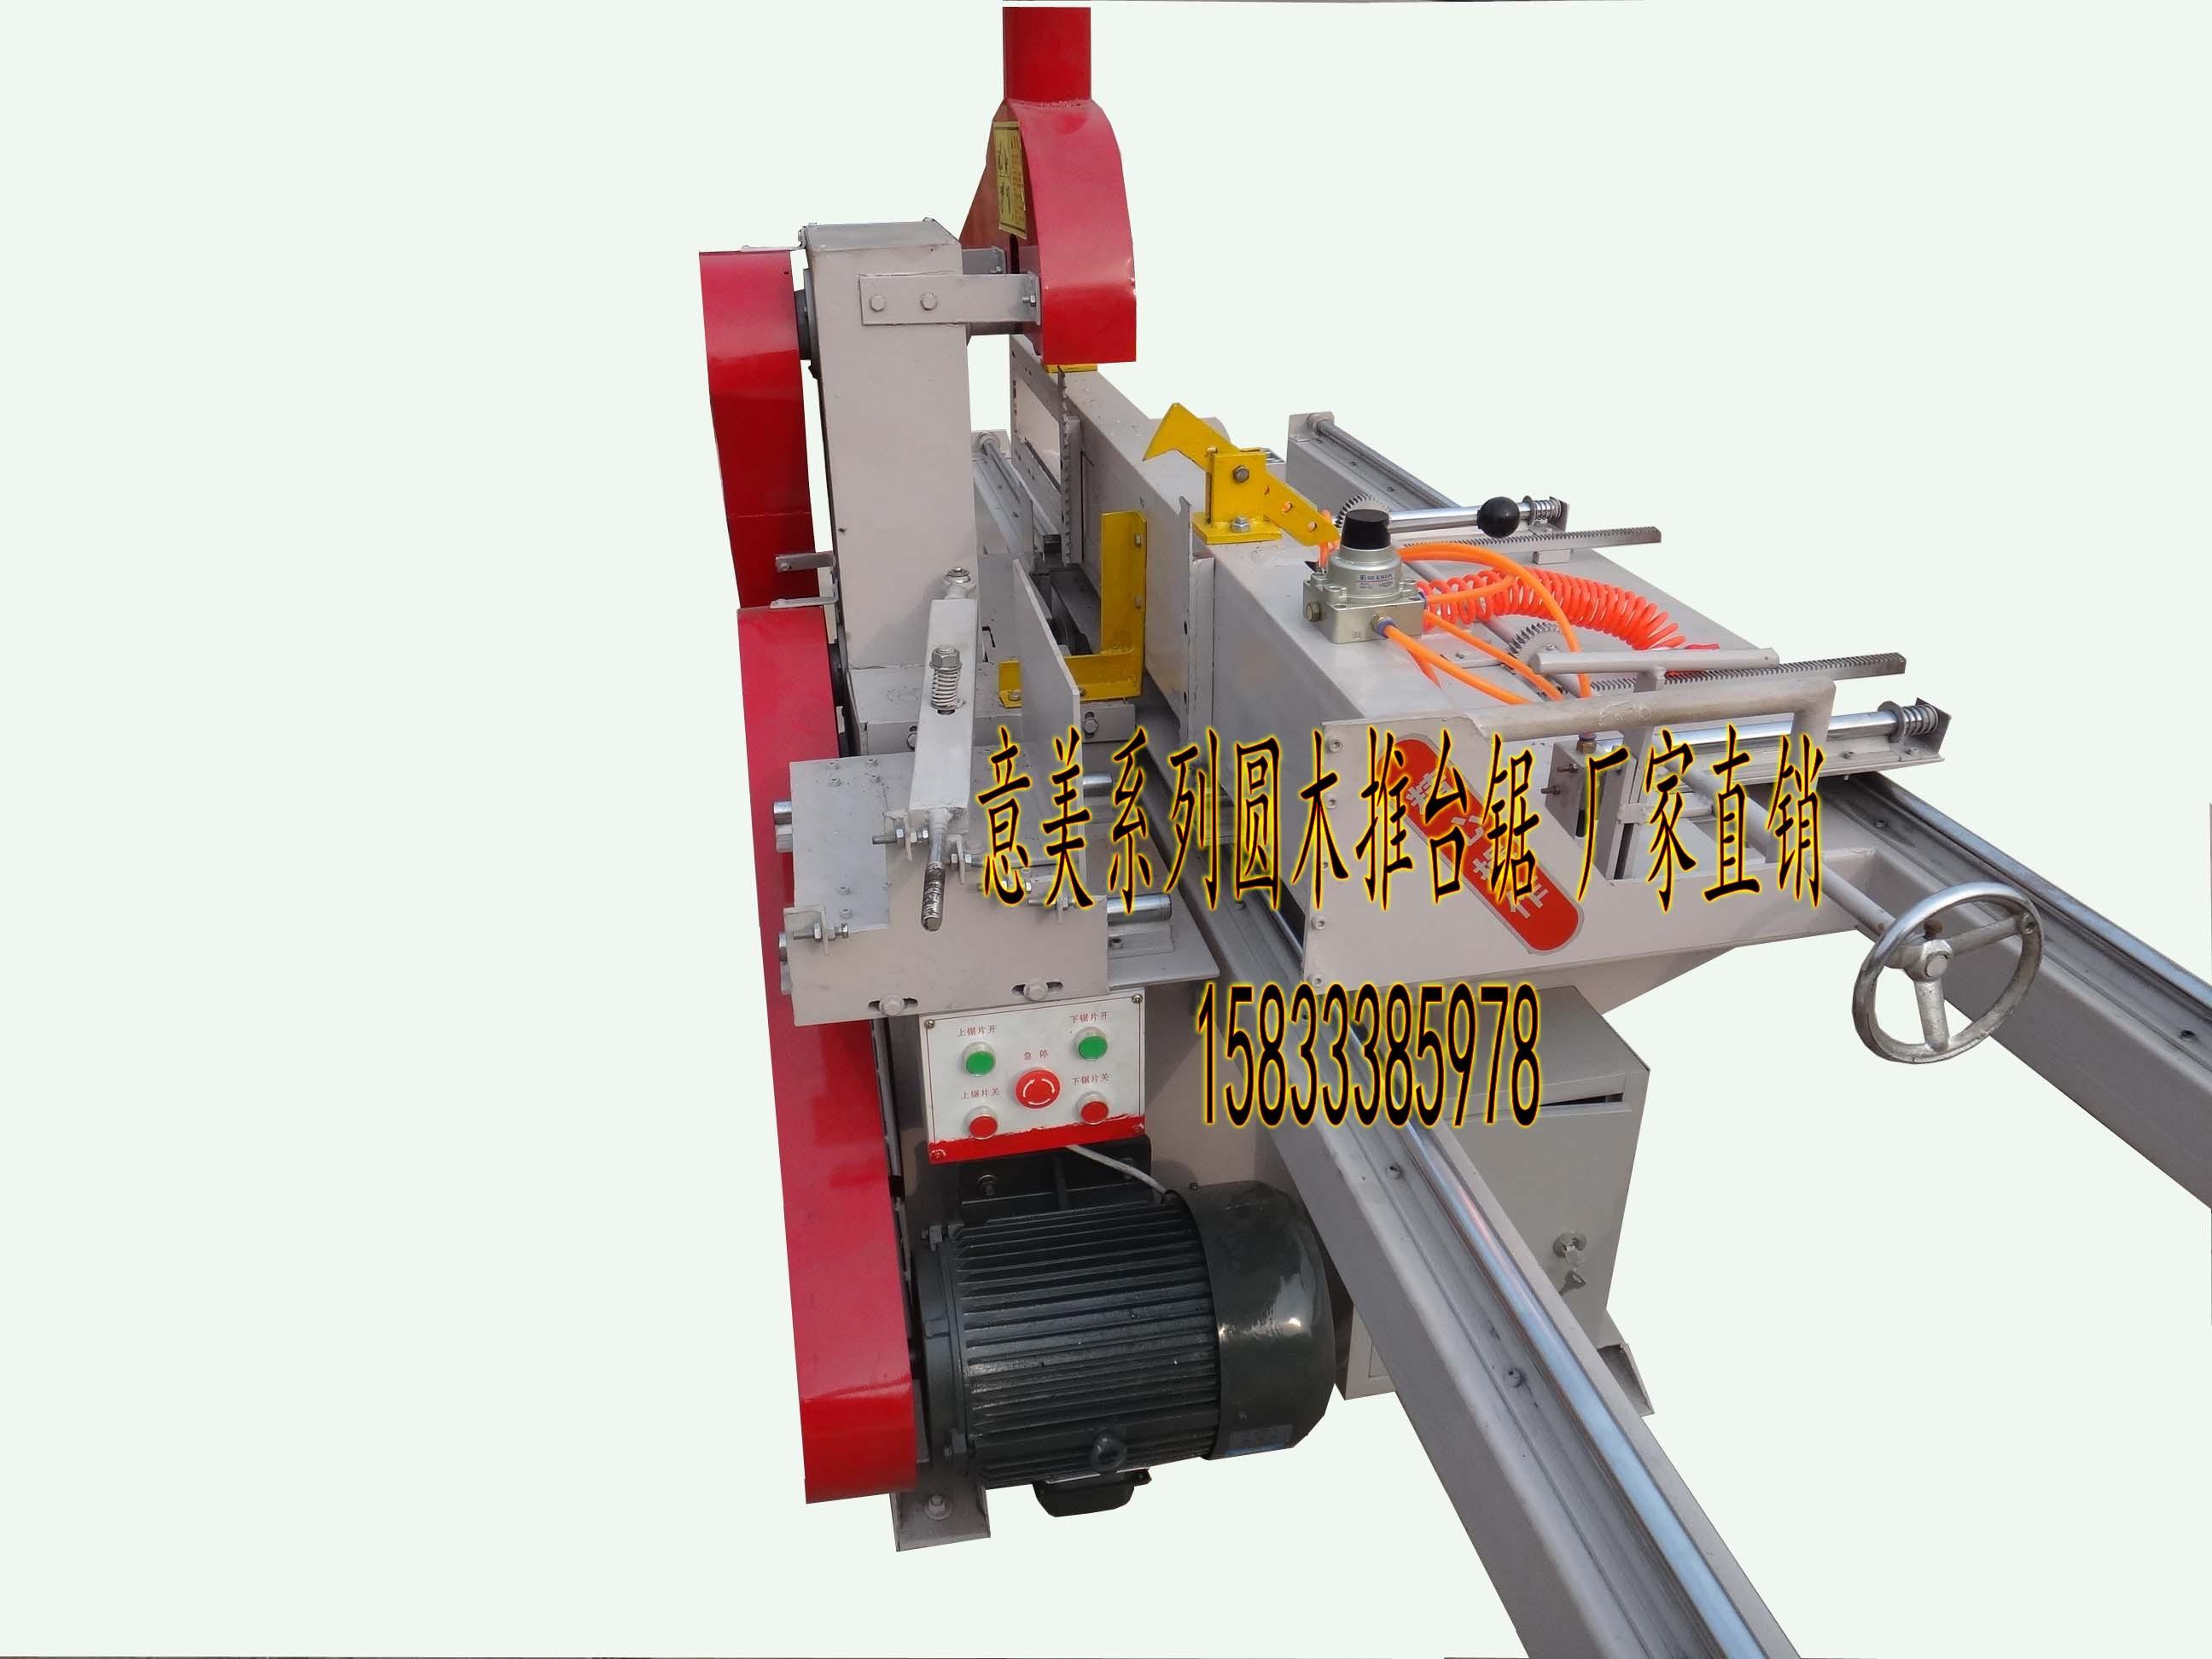 河南定制款【圆木推台锯】1-4米推台锯-型号Z22H6